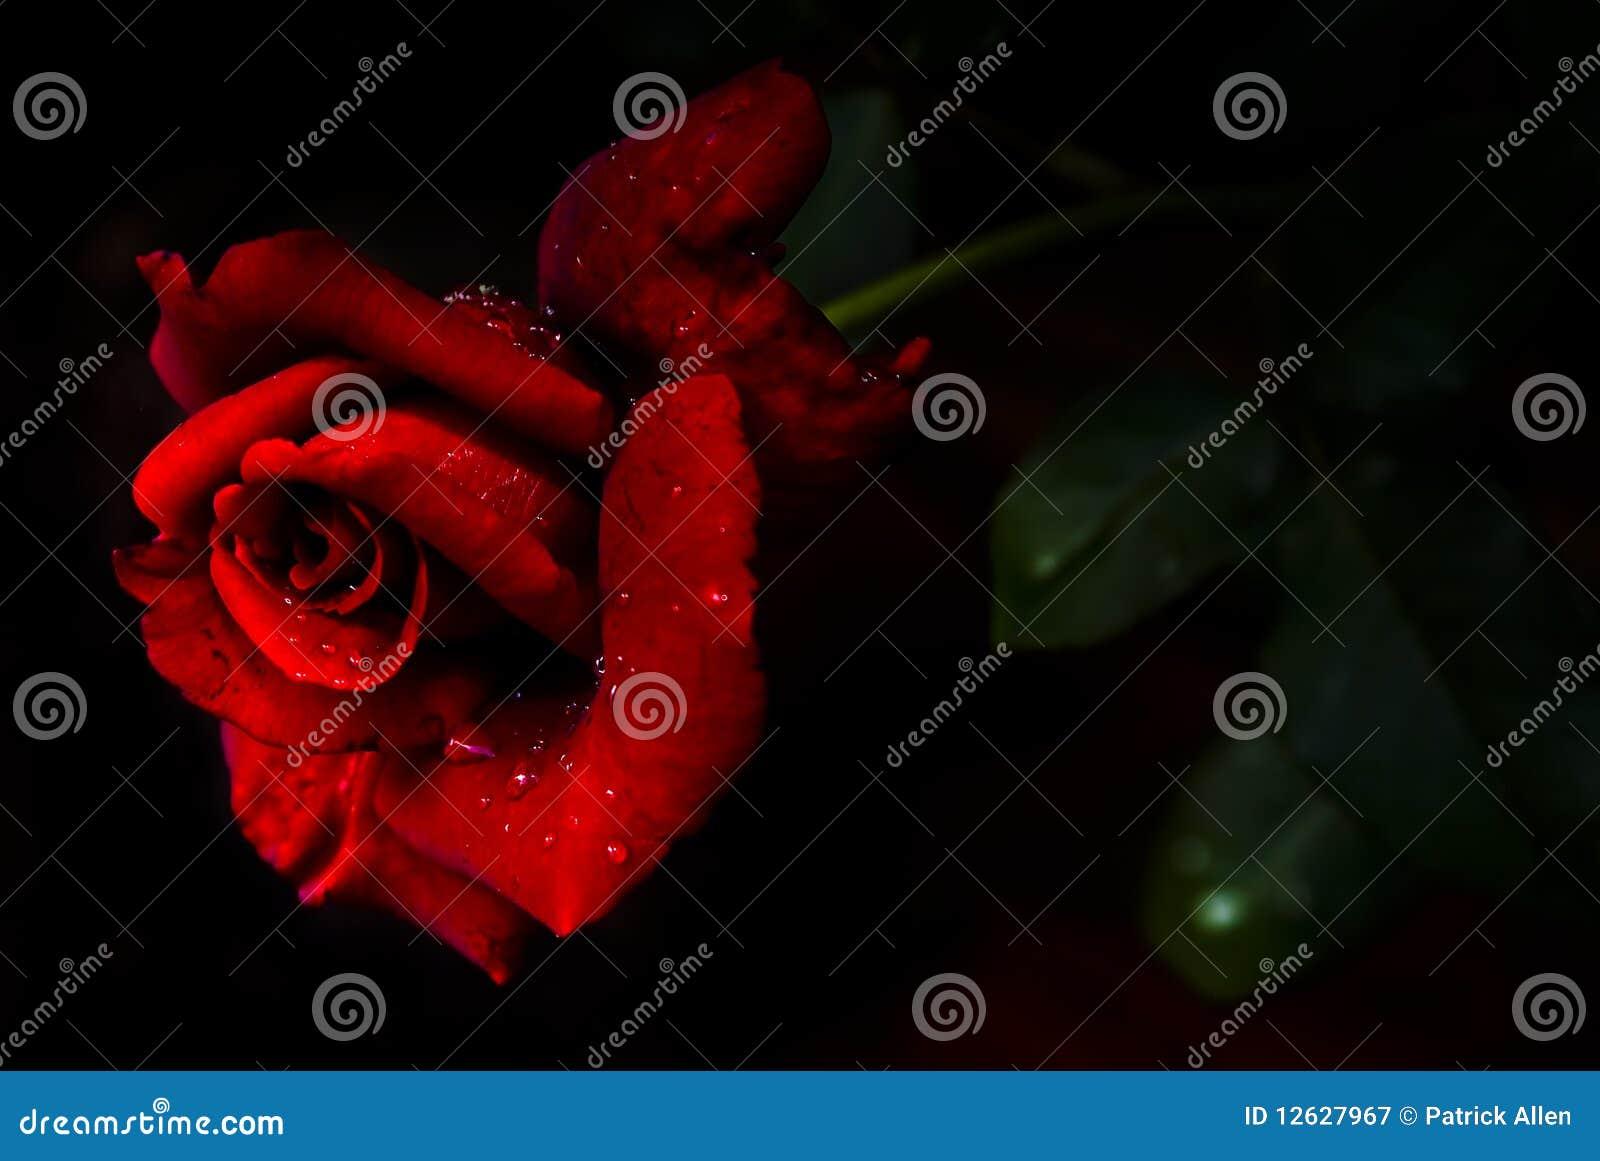 N rosso Rosa fragrante - tè ibrido